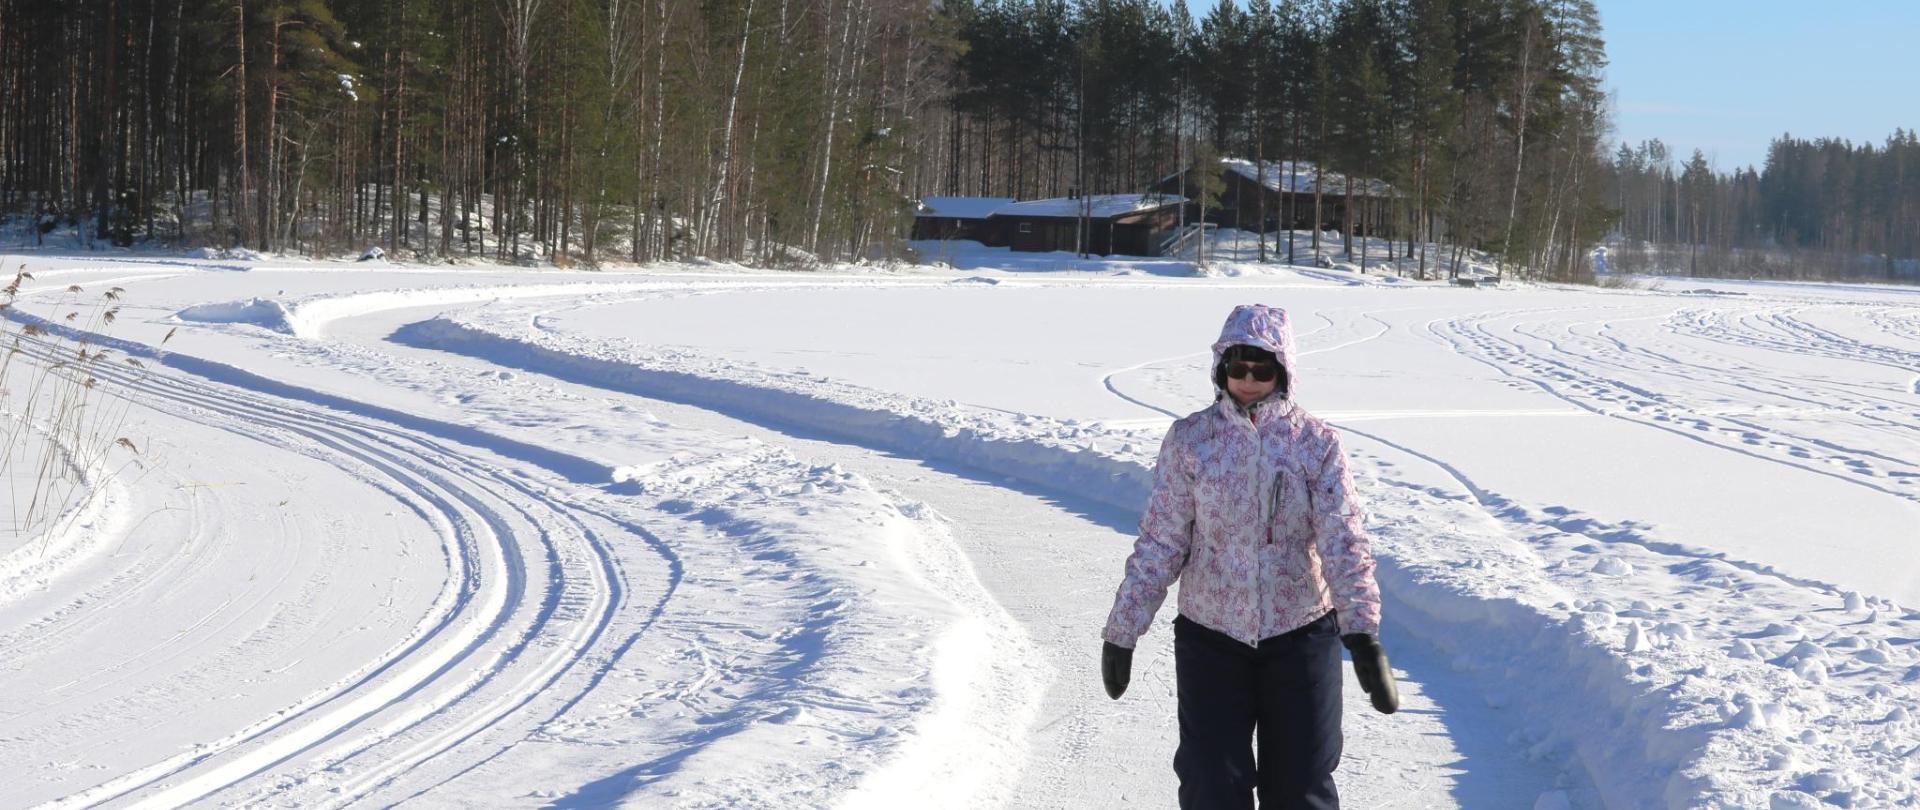 Schaatsen op het meer Jenni IMG_8636.JPG